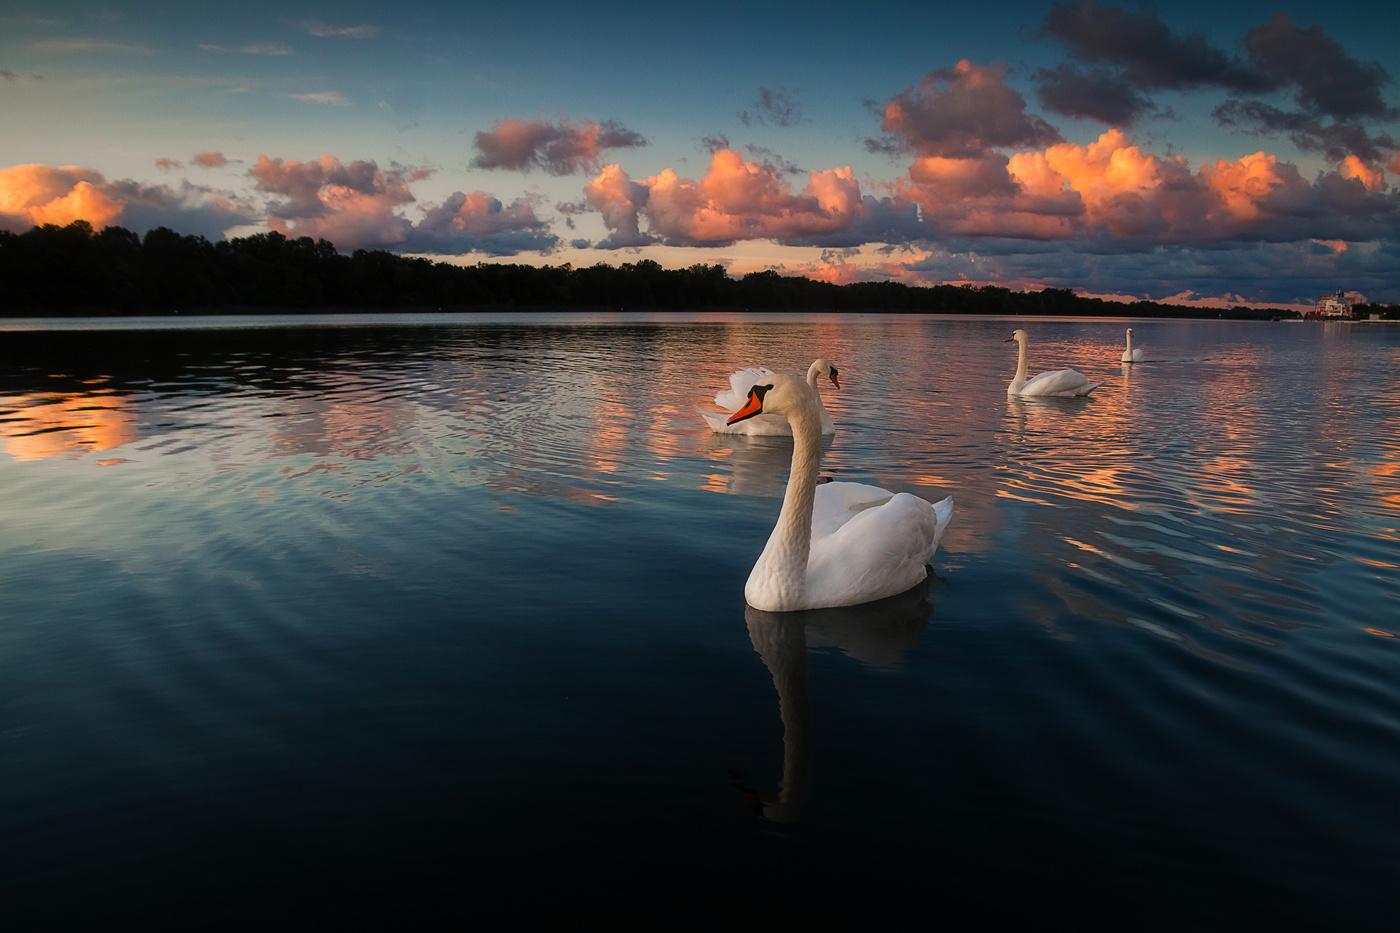 фото лебеди на закате солнца состоит